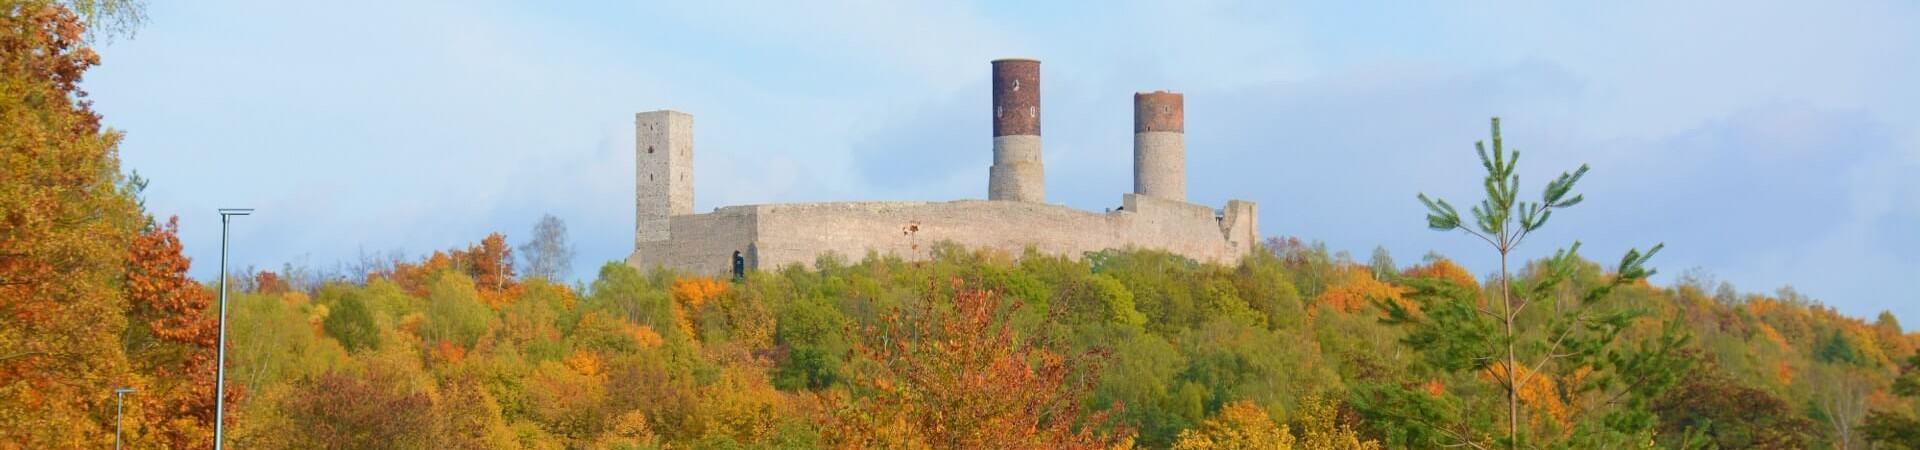 Imponujący zamek w Chęcinach